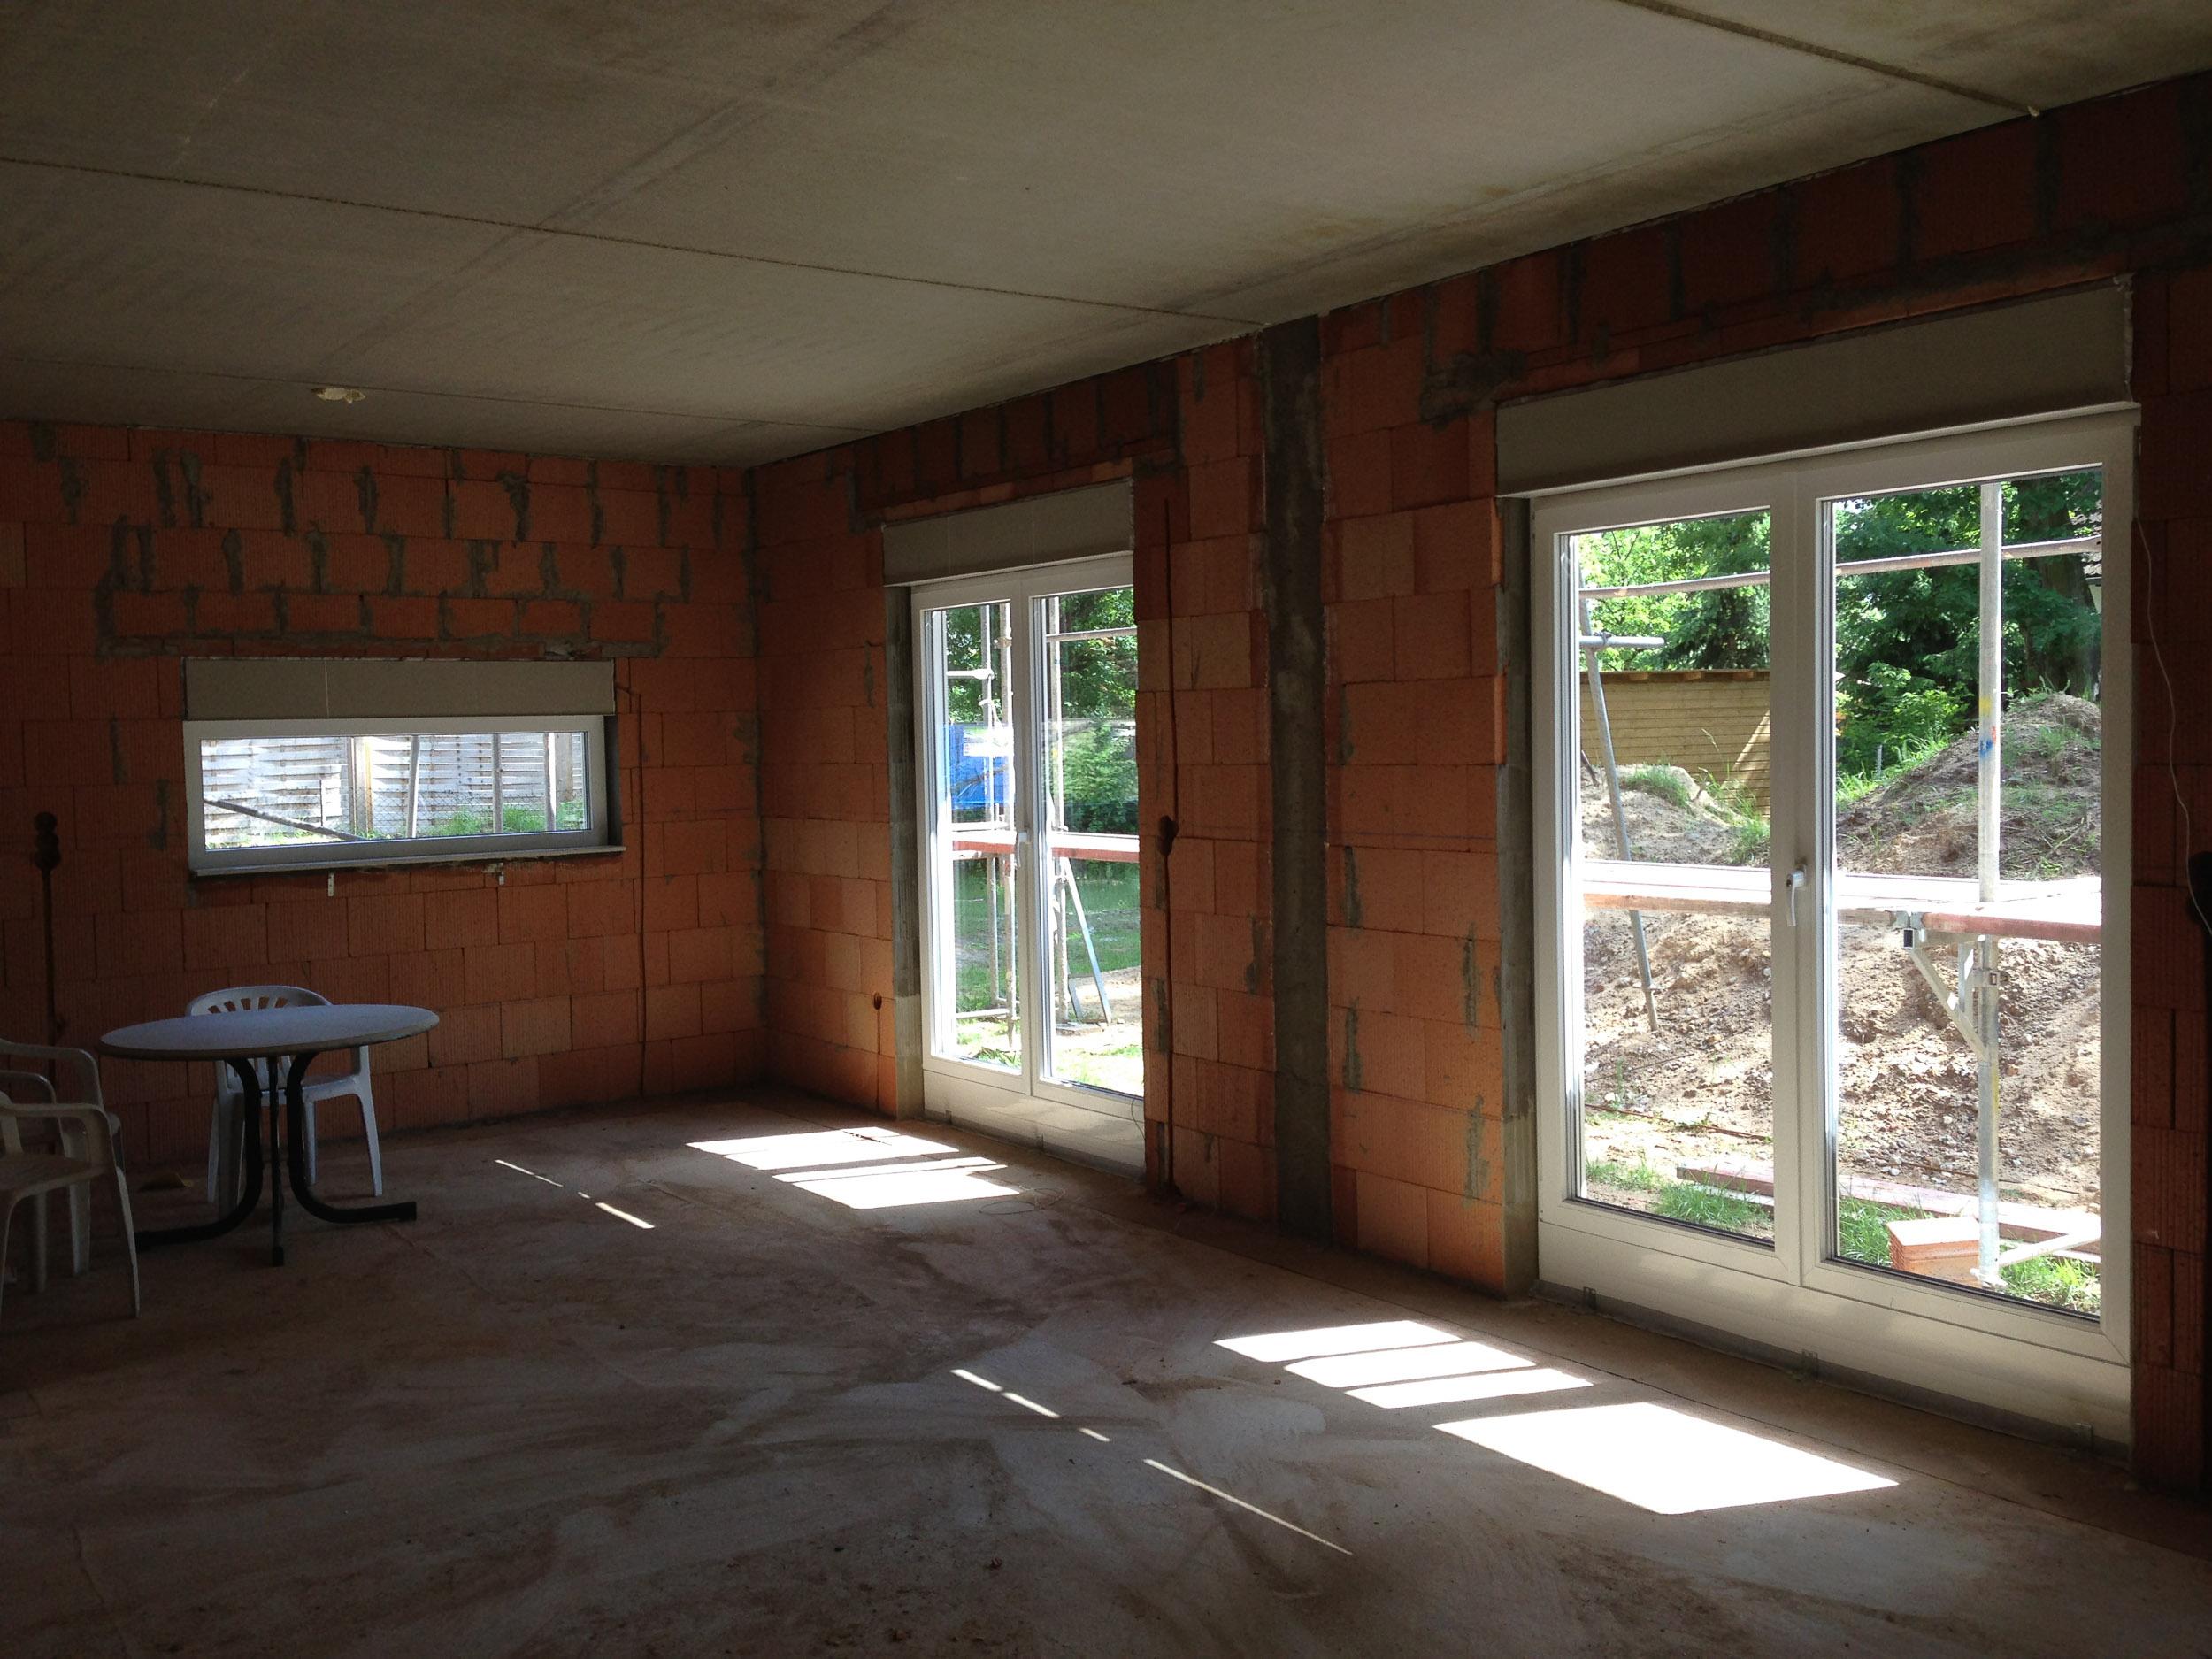 Küchenfenster & Essbereich